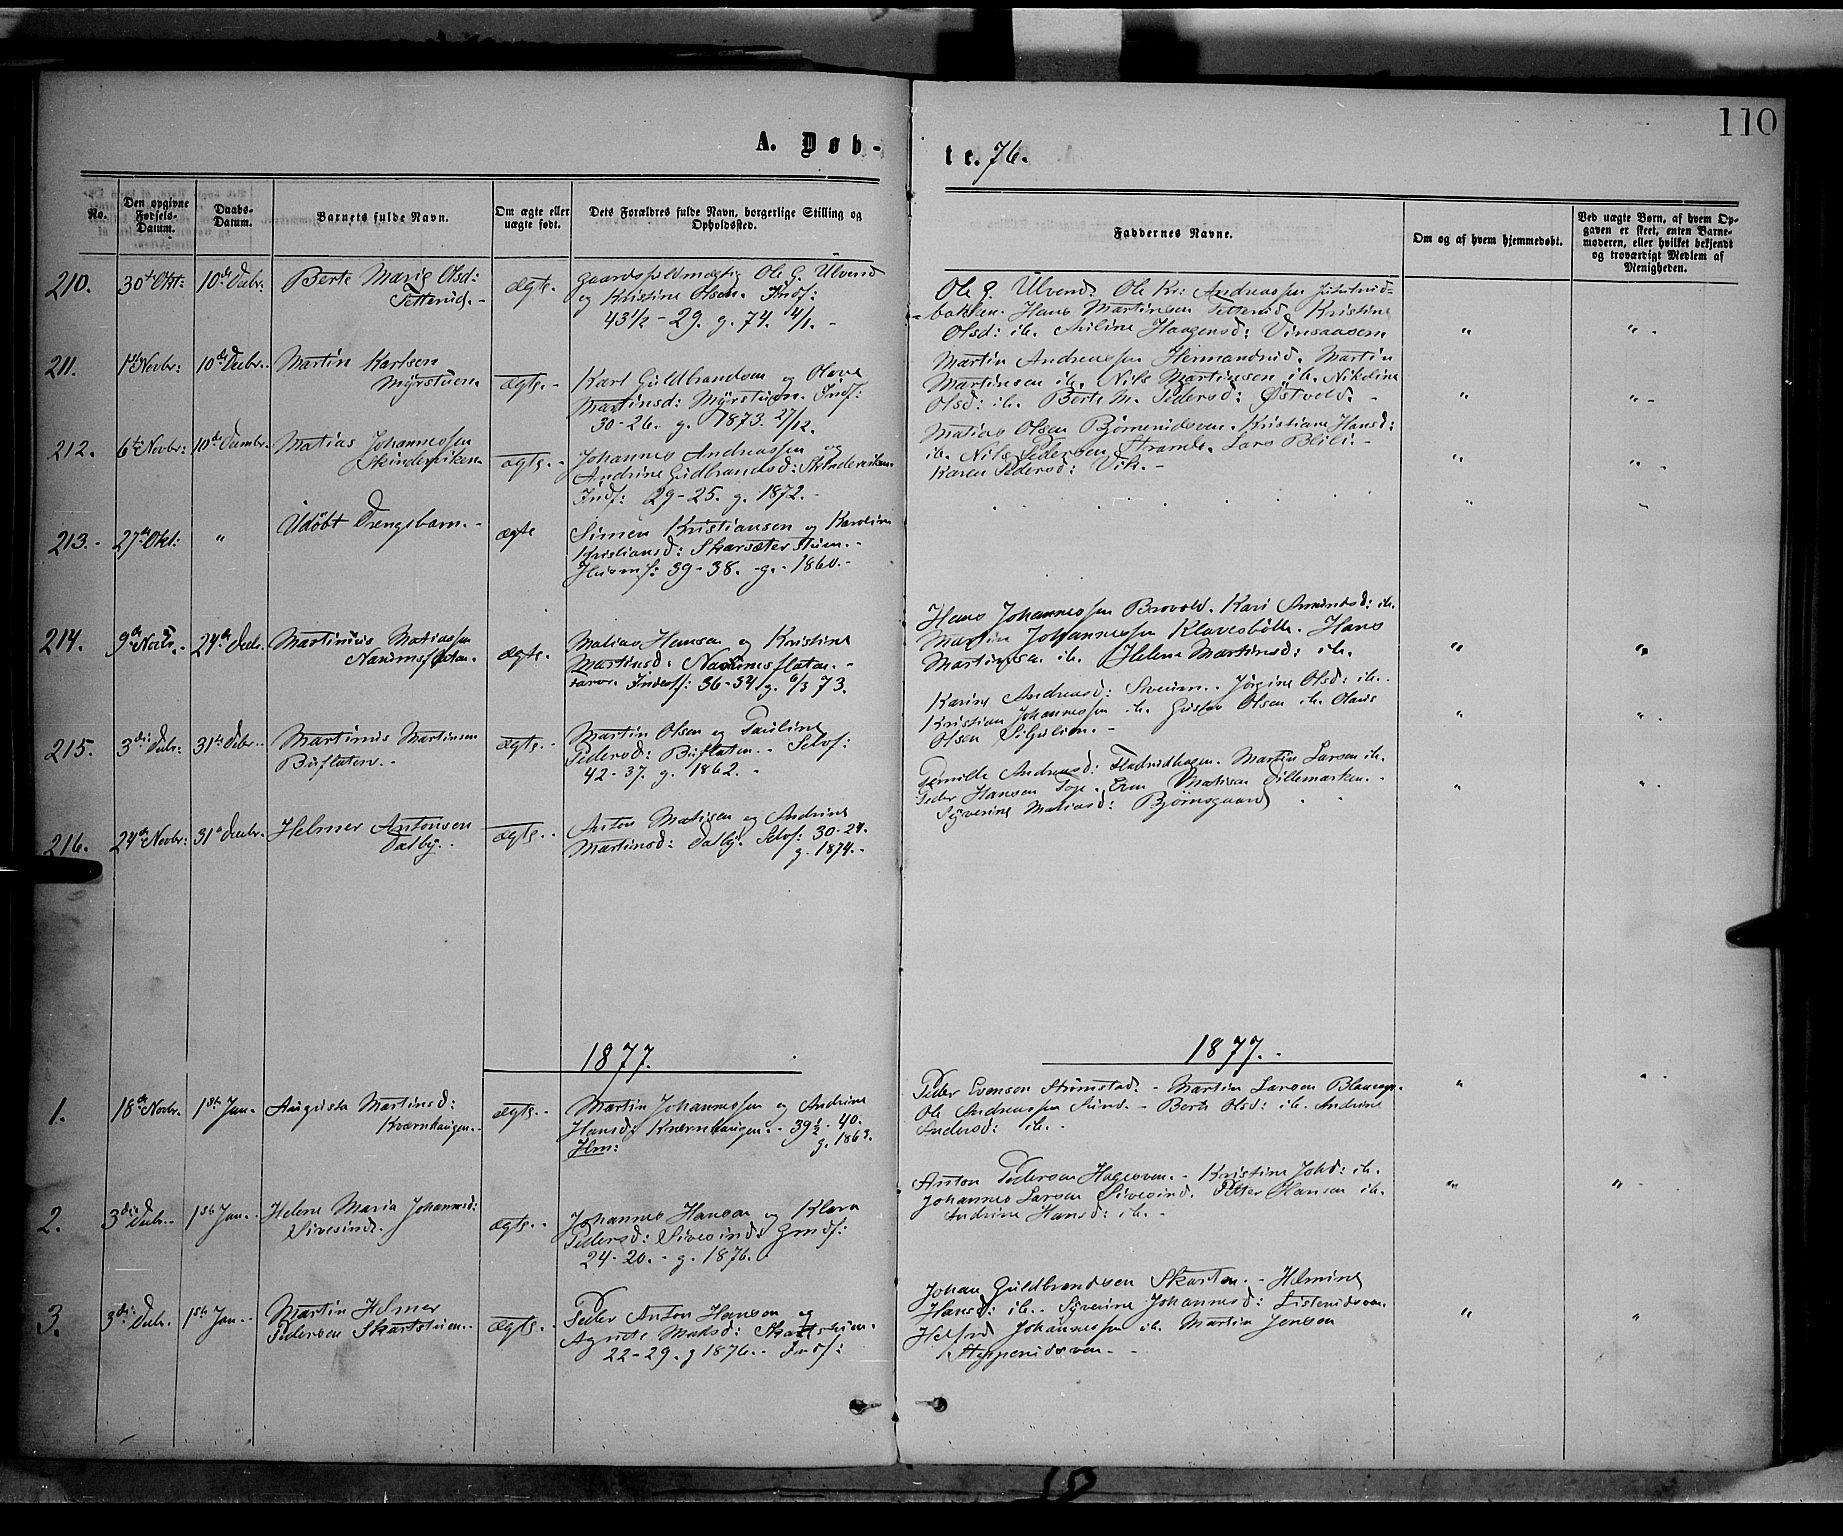 SAH, Vestre Toten prestekontor, Ministerialbok nr. 8, 1870-1877, s. 110